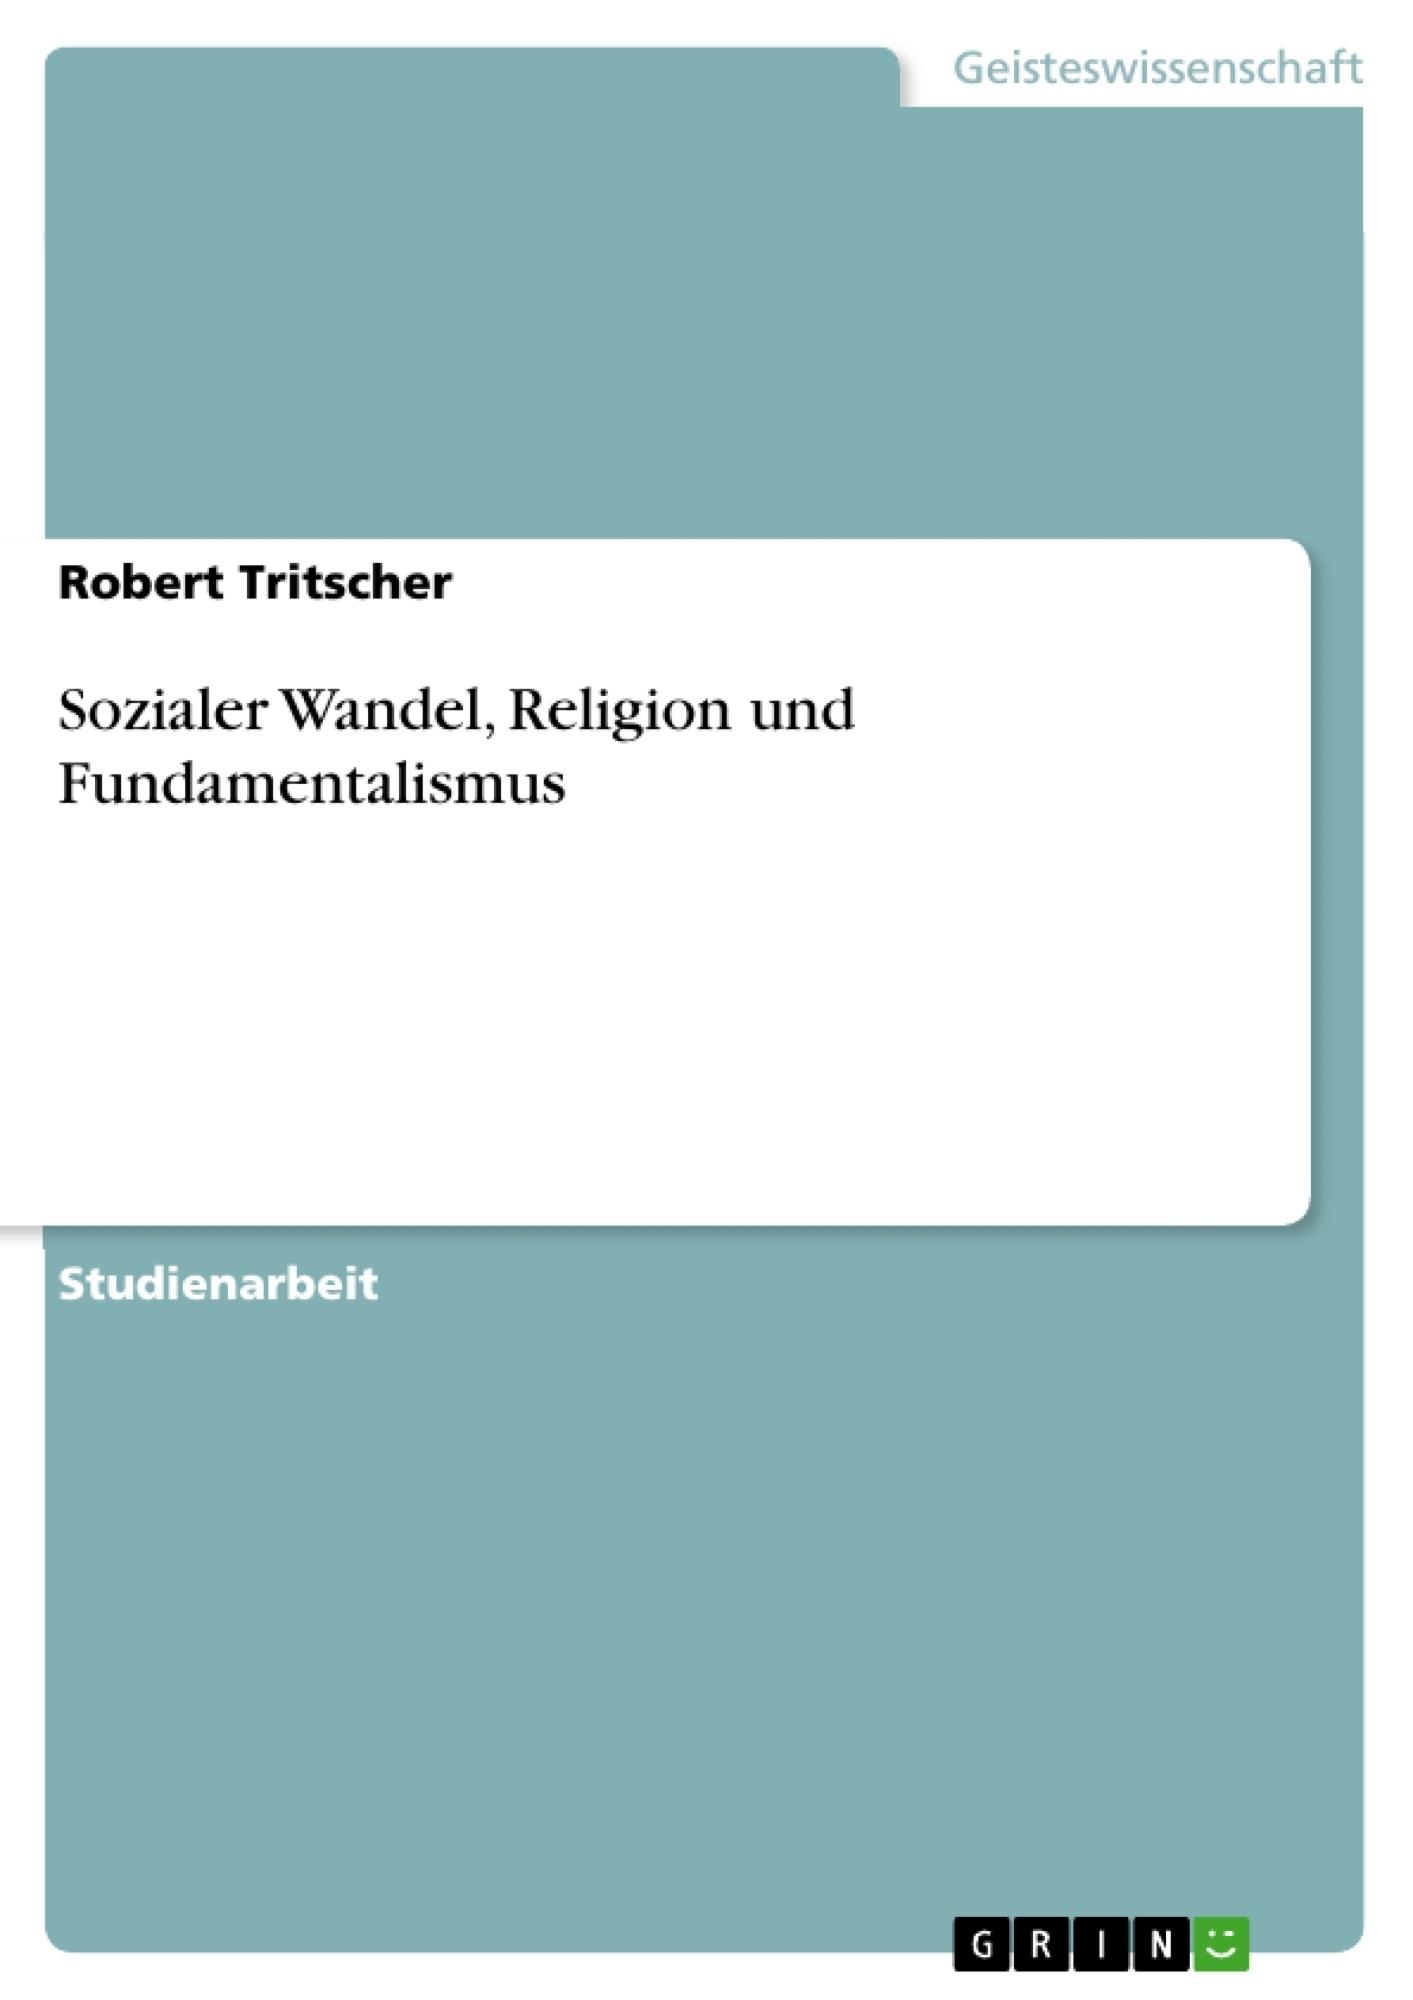 Titel: Sozialer Wandel, Religion und Fundamentalismus